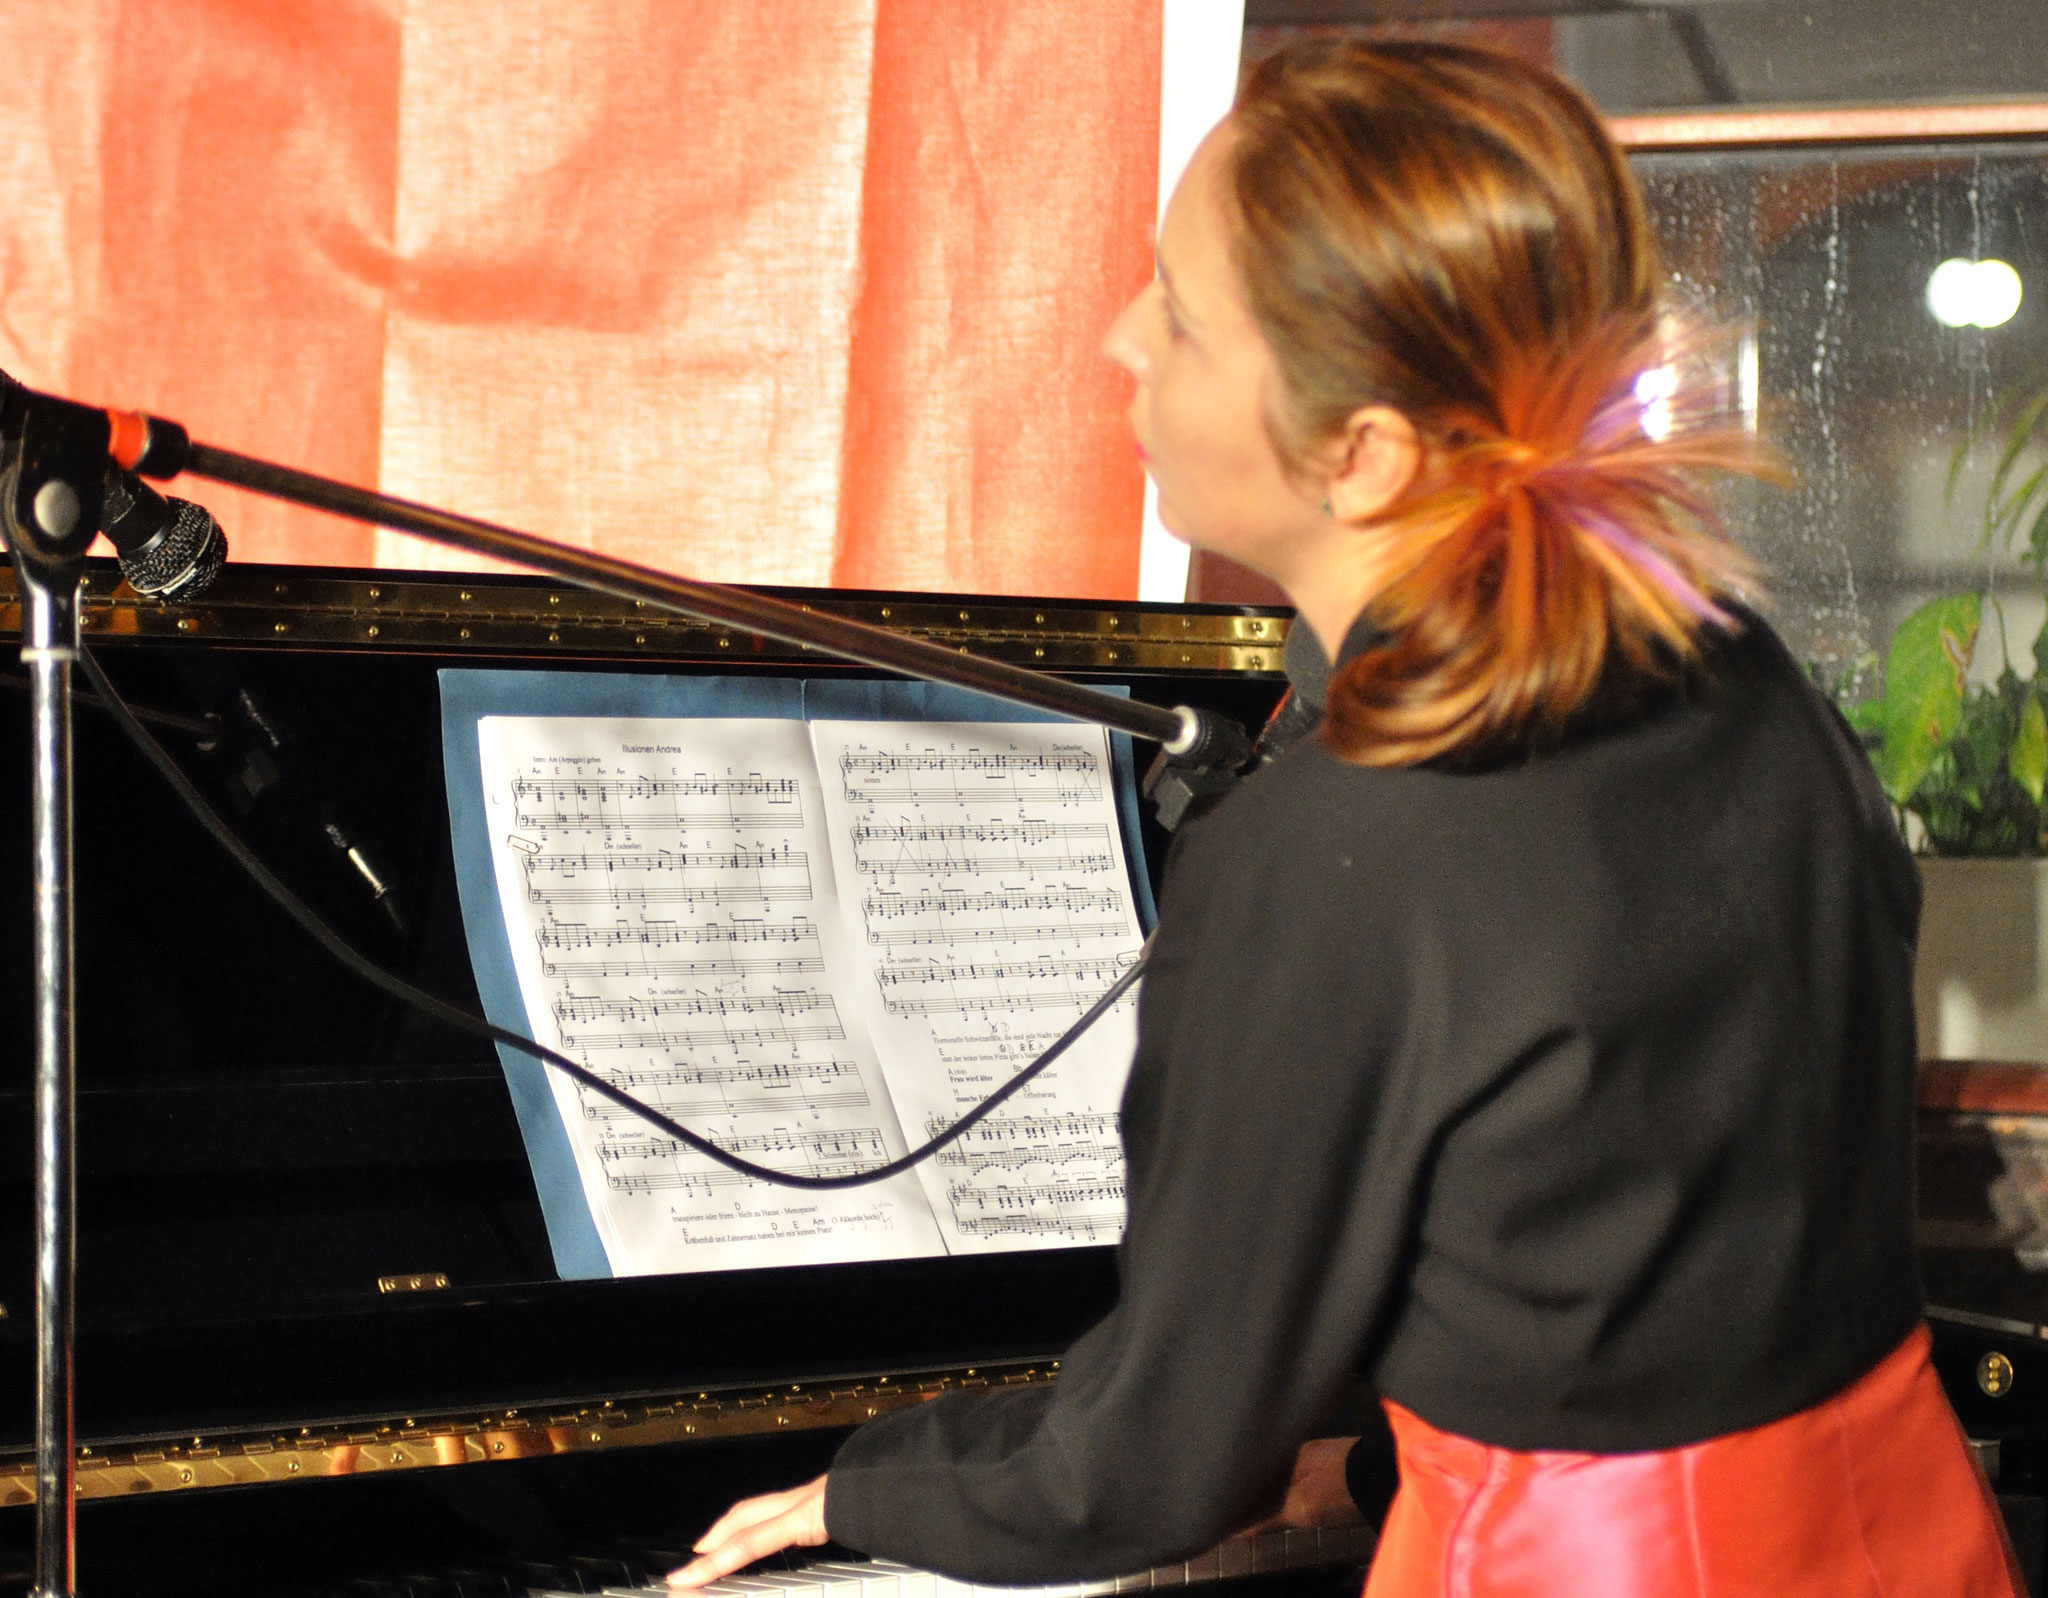 Konzerte im Bürgerhof 14.07.11 Die Neuros´n - Andrea Geis und Ulla Meyer - Freiwilligen-Zentrum Augsburg - Foto: Martin Schönberger